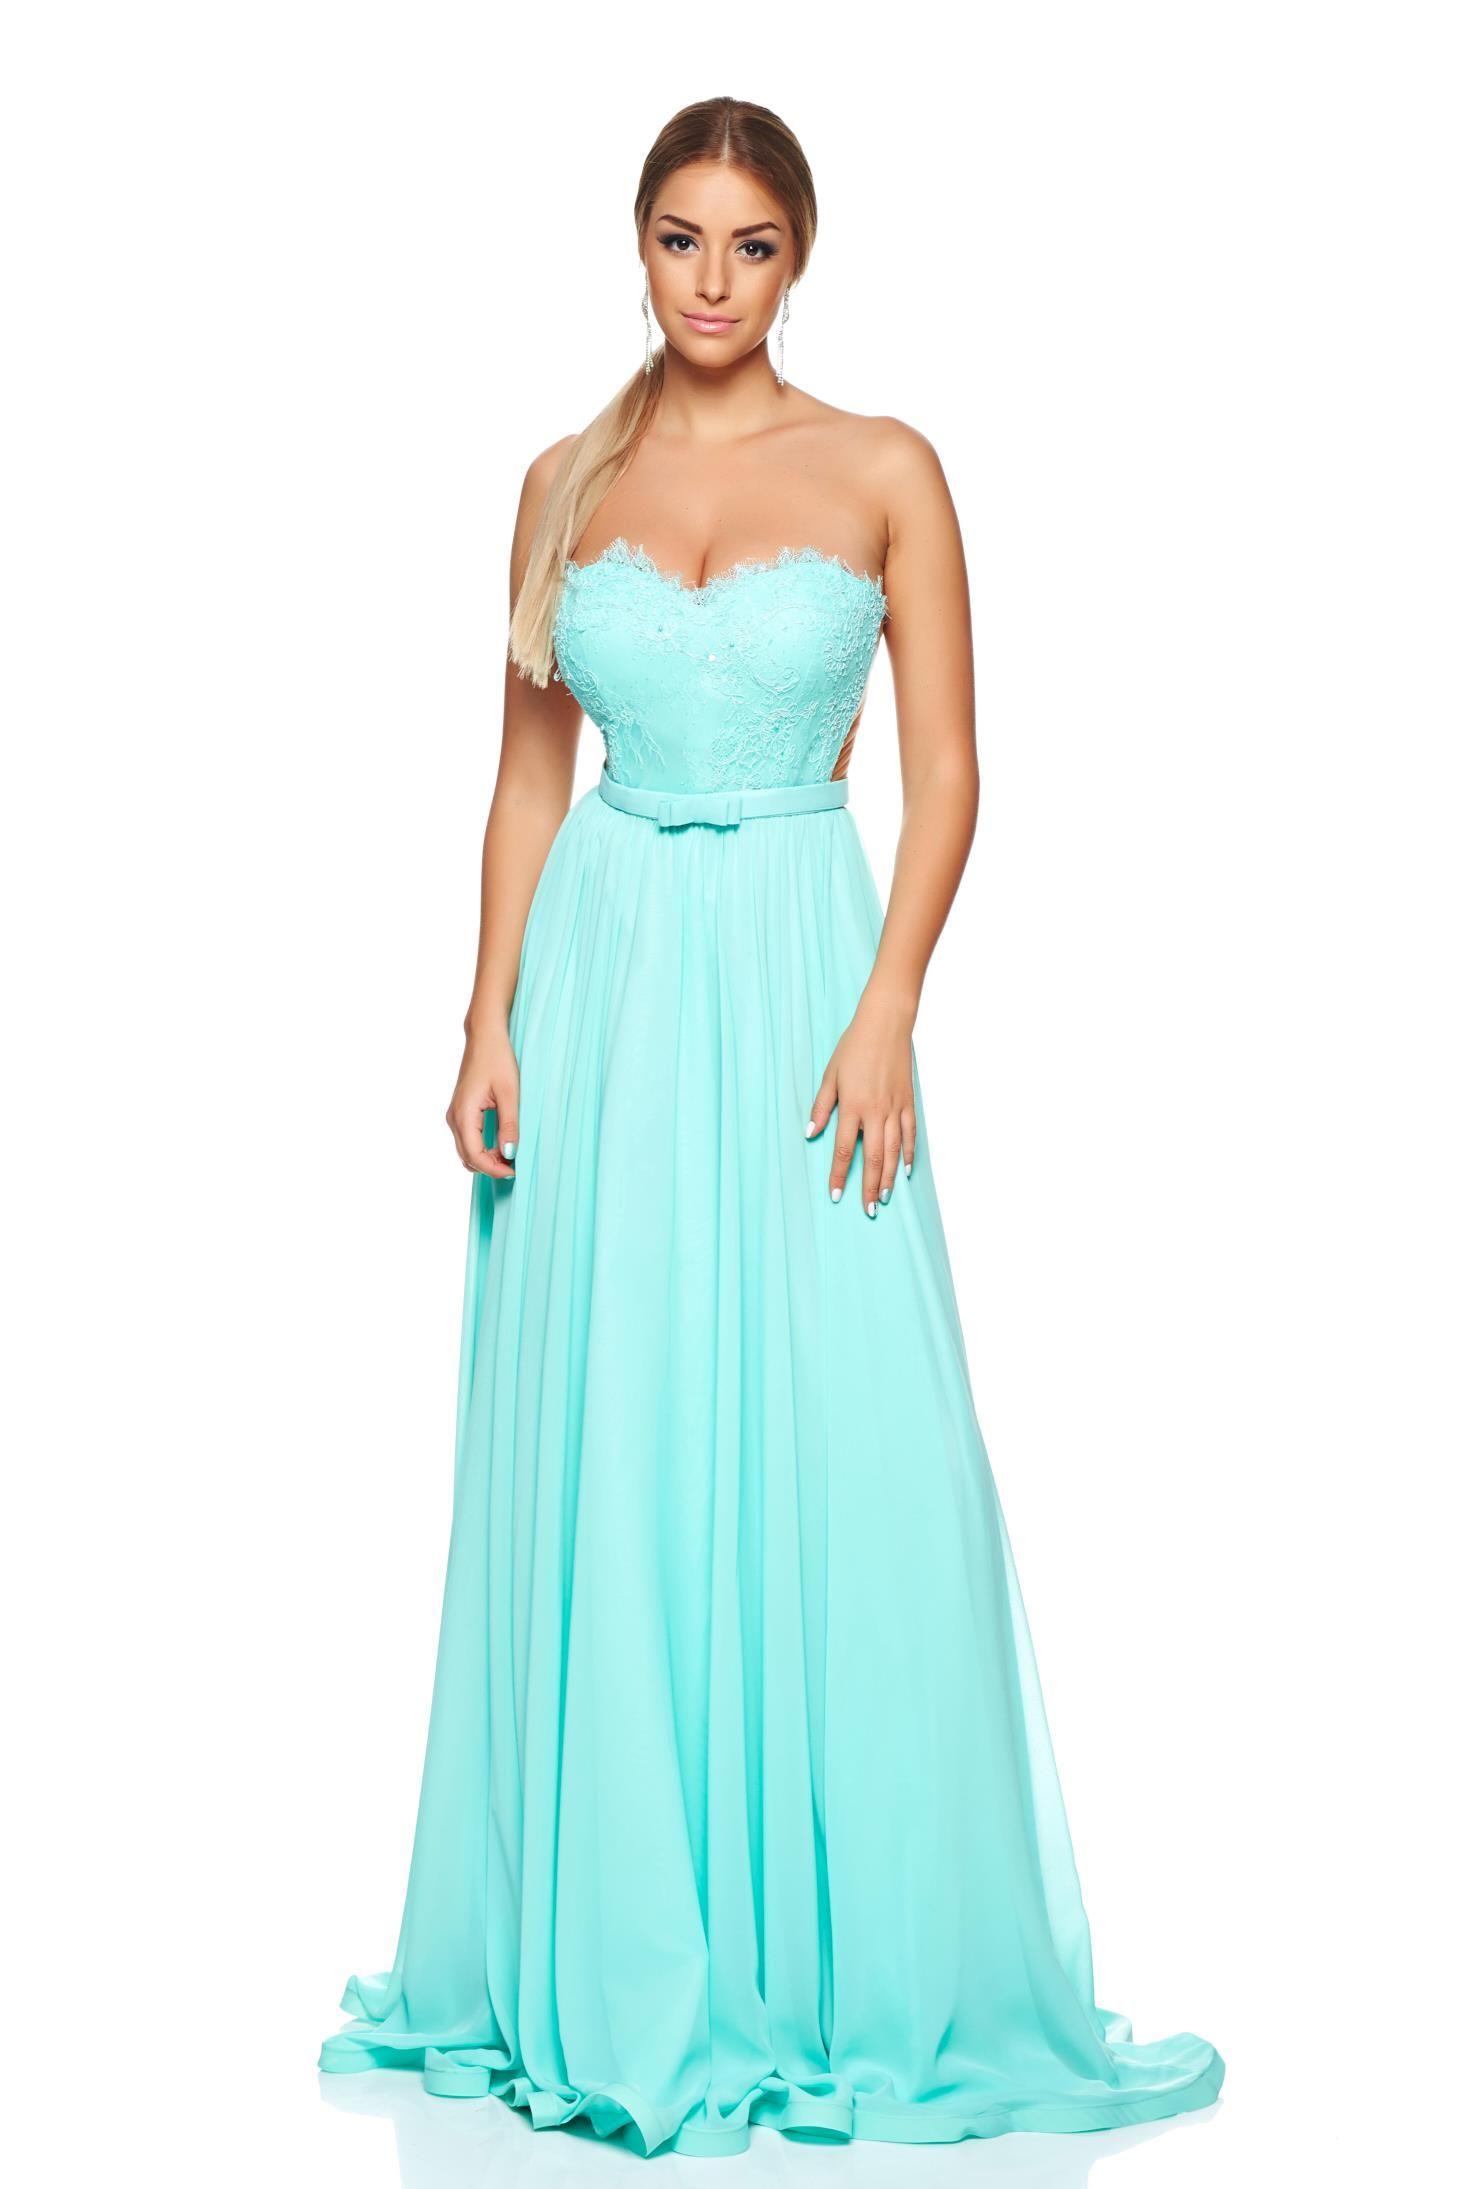 Ana Radu Ideal Diva Mint Dress, push-up bra, bright details, lace ...